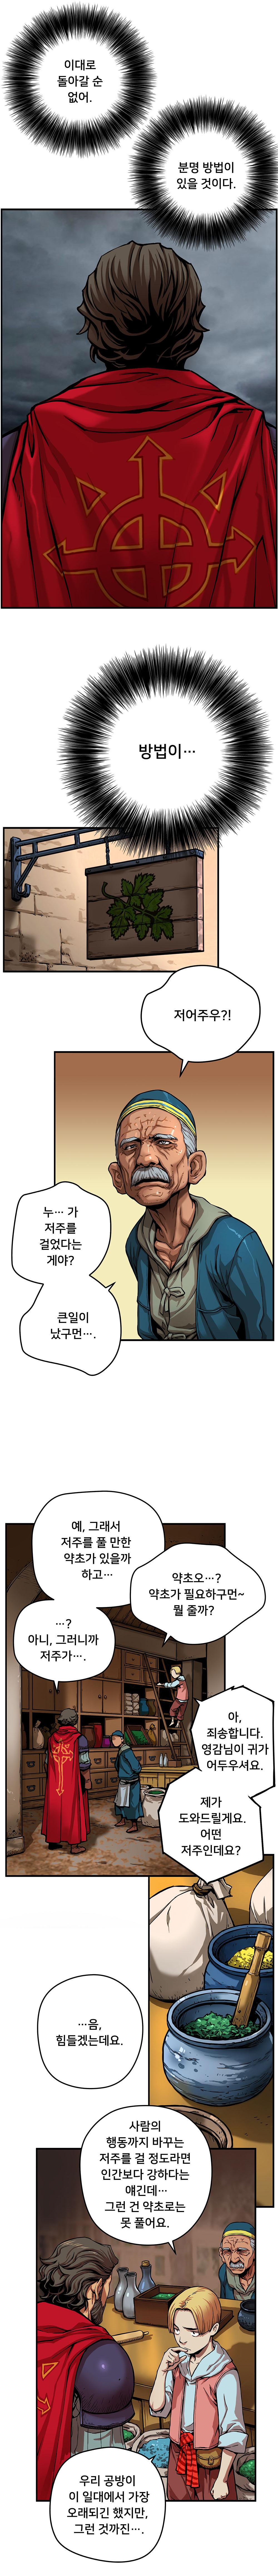 데리온 #3 리니지 데스나이트의 탄생에 얽힌, 드래곤 슬레이어 '드루가' 가문 이야기